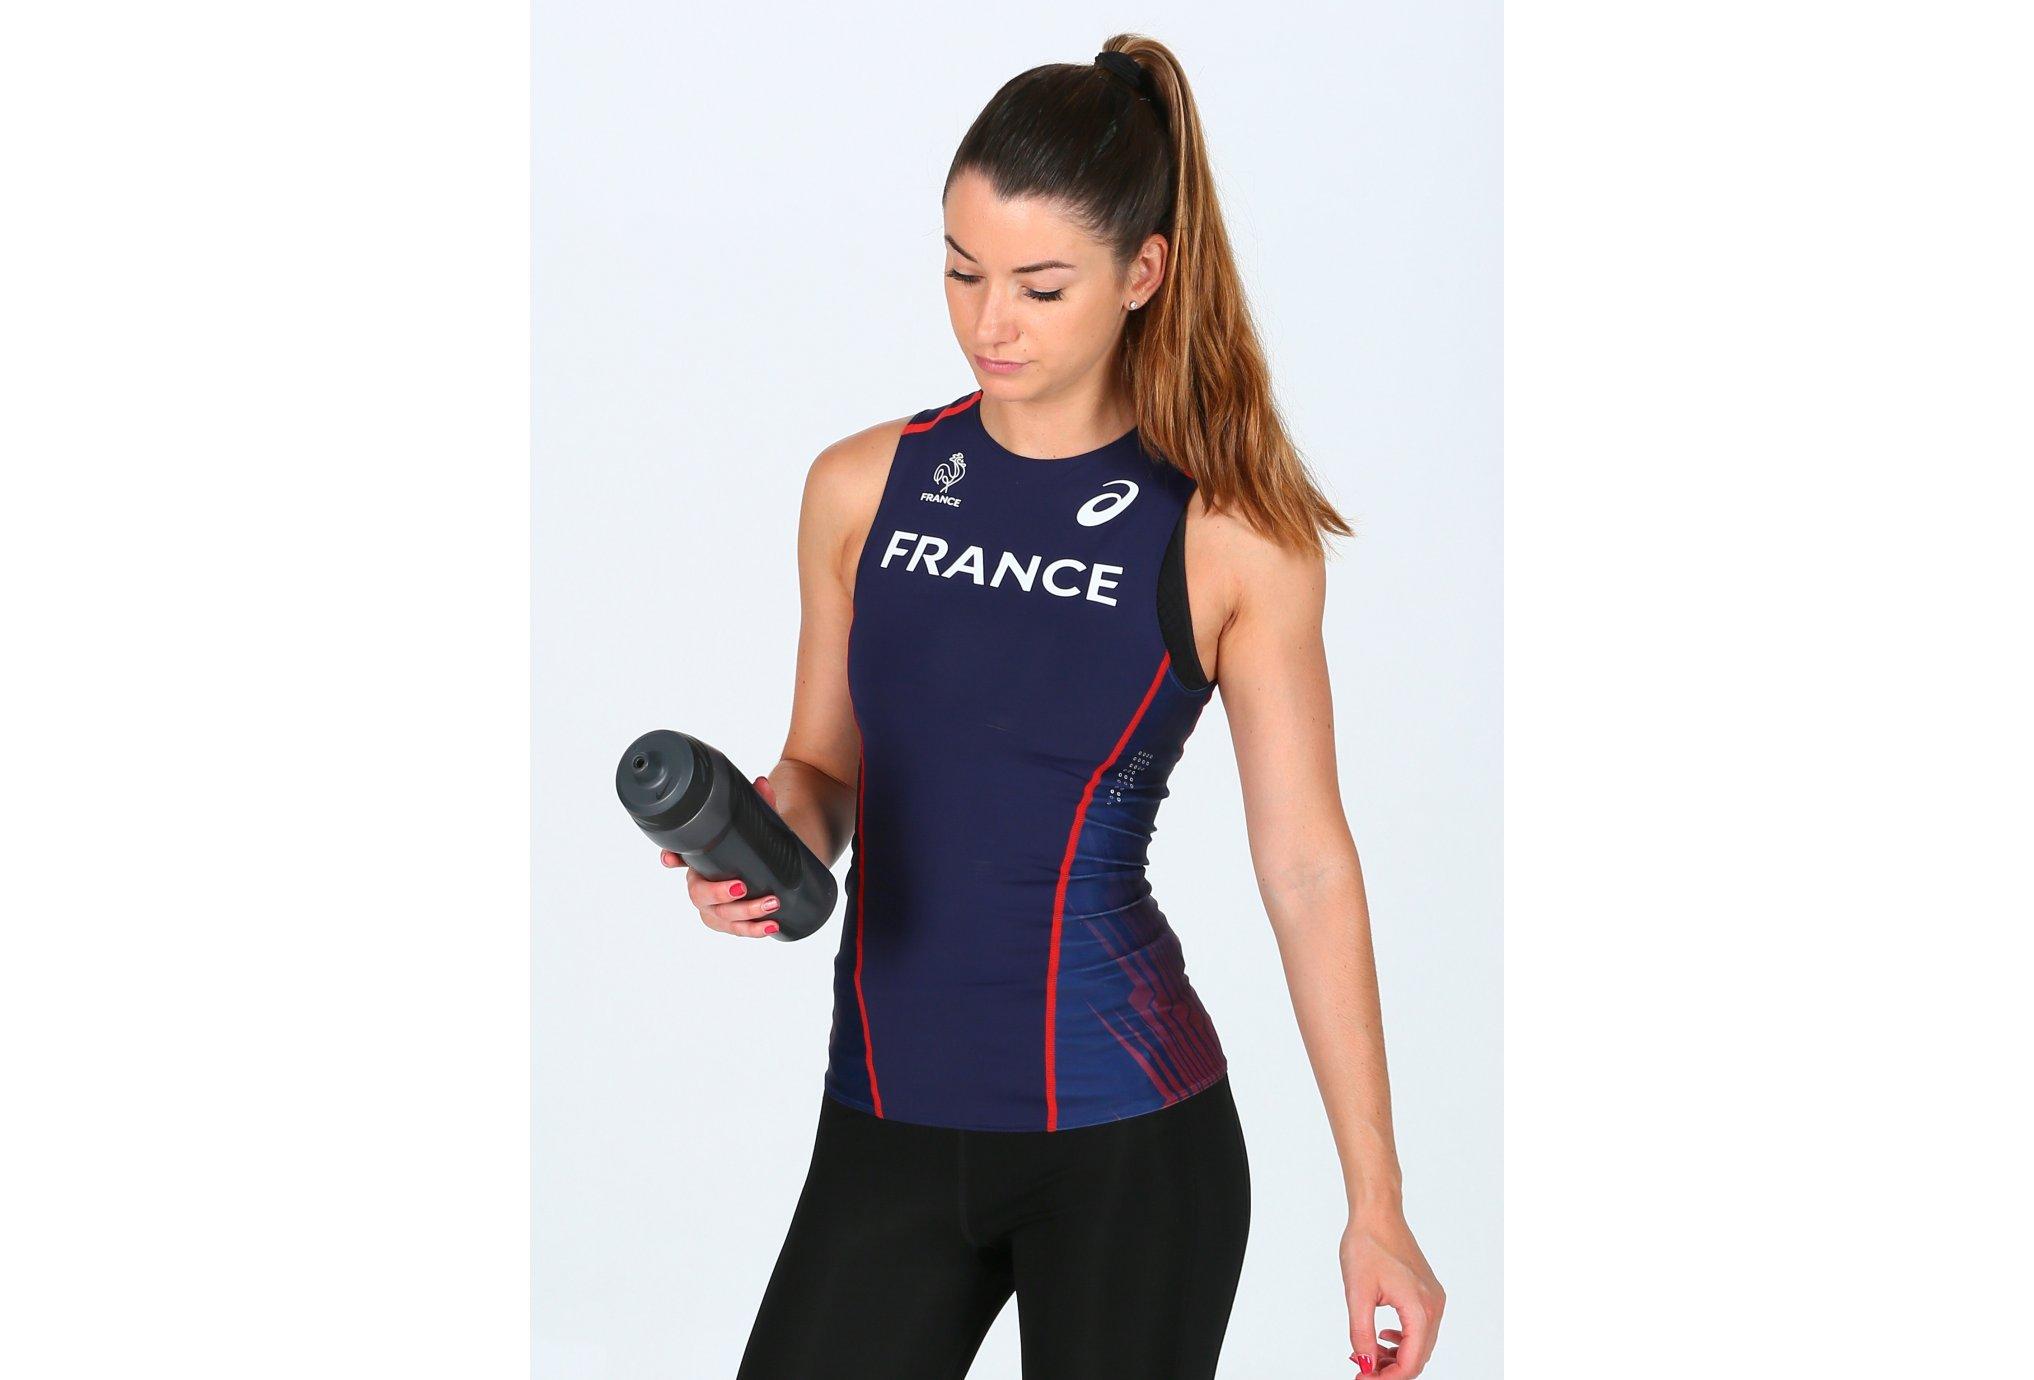 Asics Tee-shirt Rio Équipe de France W vêtement running femme